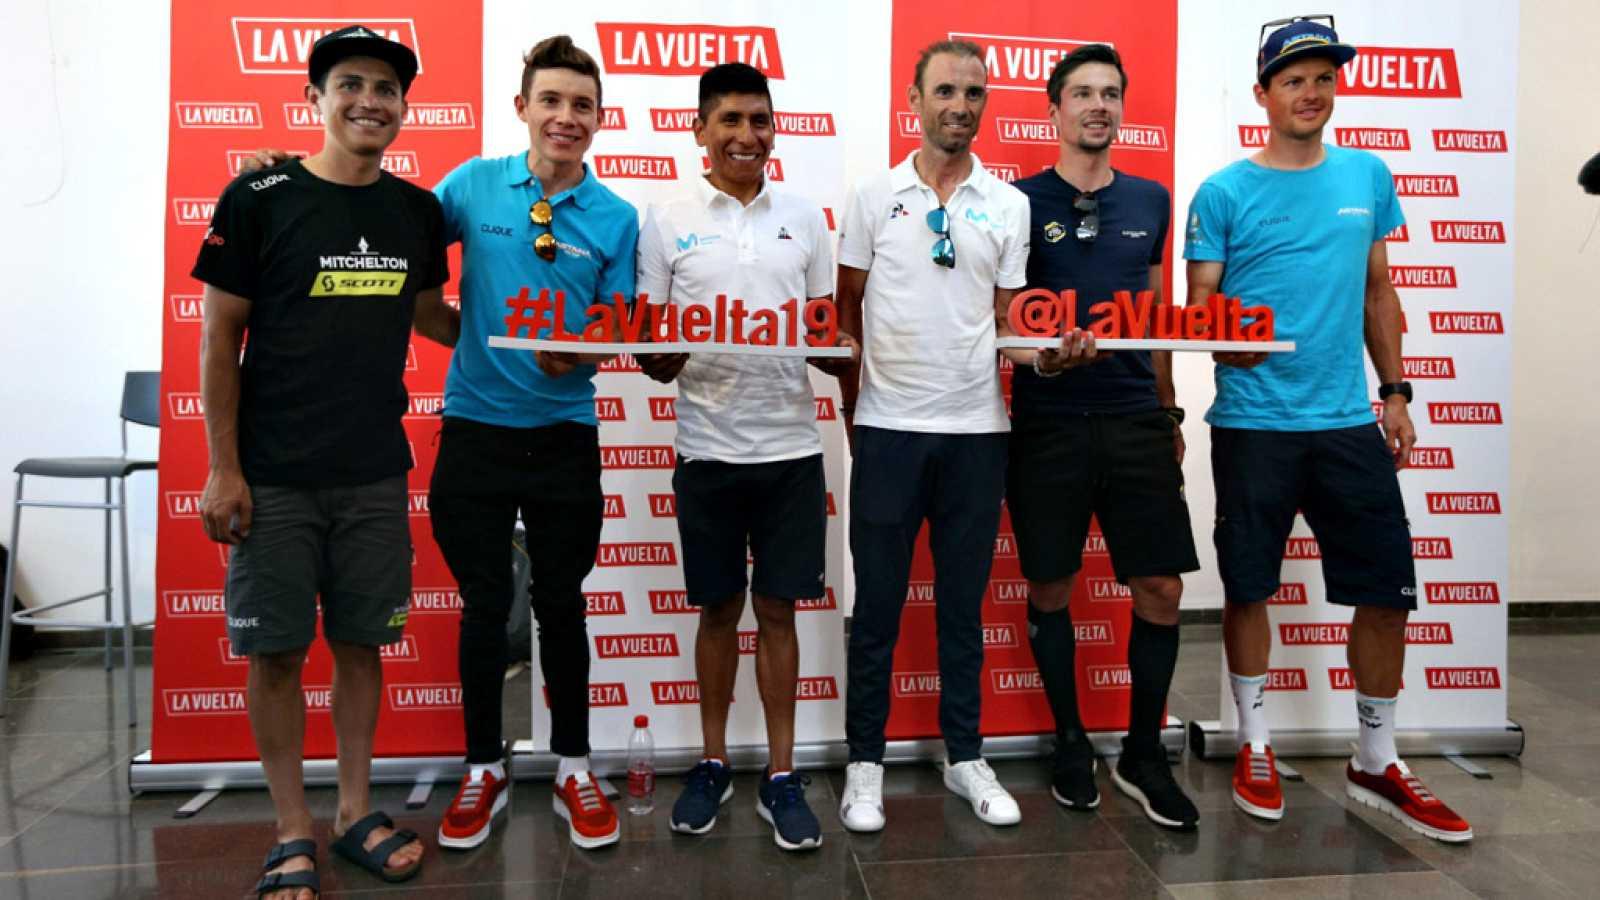 Las tres primeras etapas de la ronda española recorrerán la provincia costera.